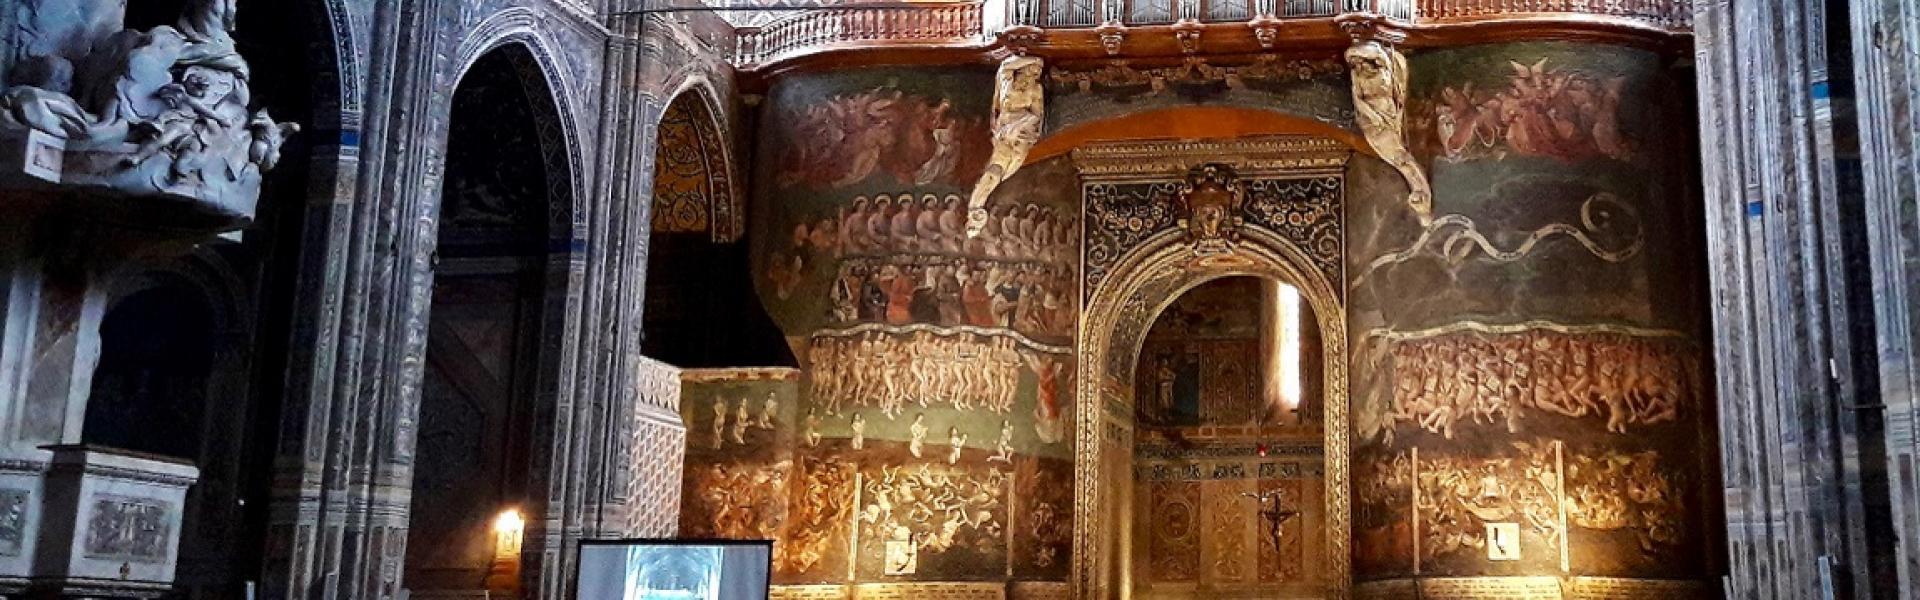 Cathédrale Sainte-Cécile d'Albi, le Jugement dernier